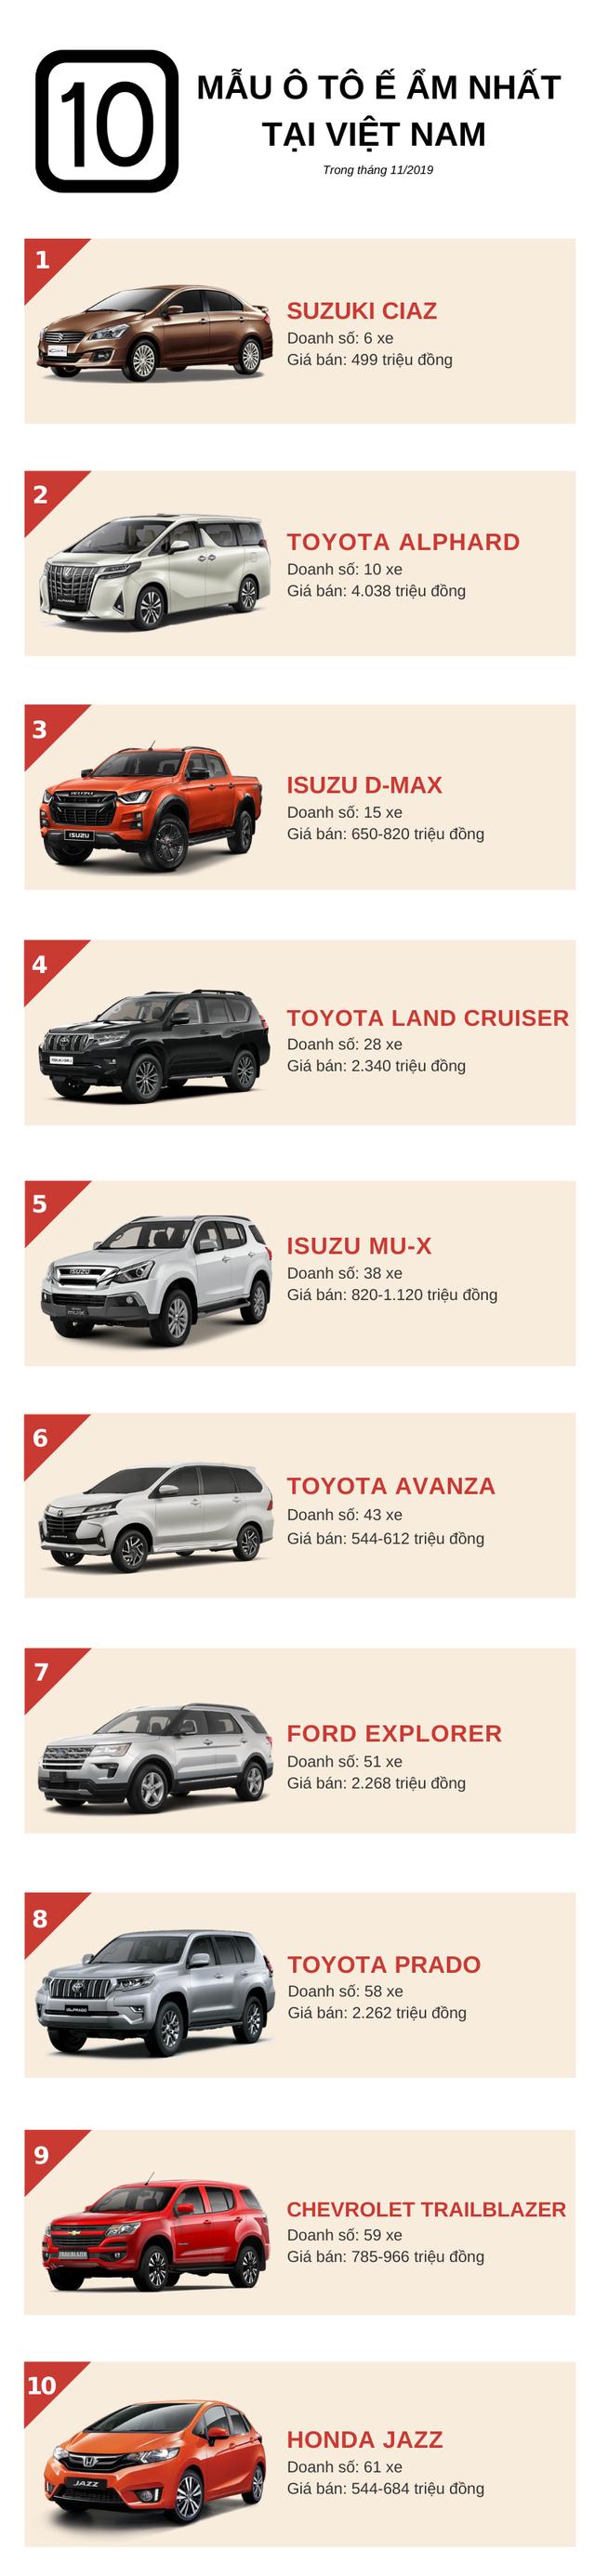 Điểm danh 10 mẫu ô tô ế ẩm nhất trong tháng 11/2019: Toyota góp mặt 4 mẫu xe, nhiều nhân tố mới xuất hiện - Ảnh 1.